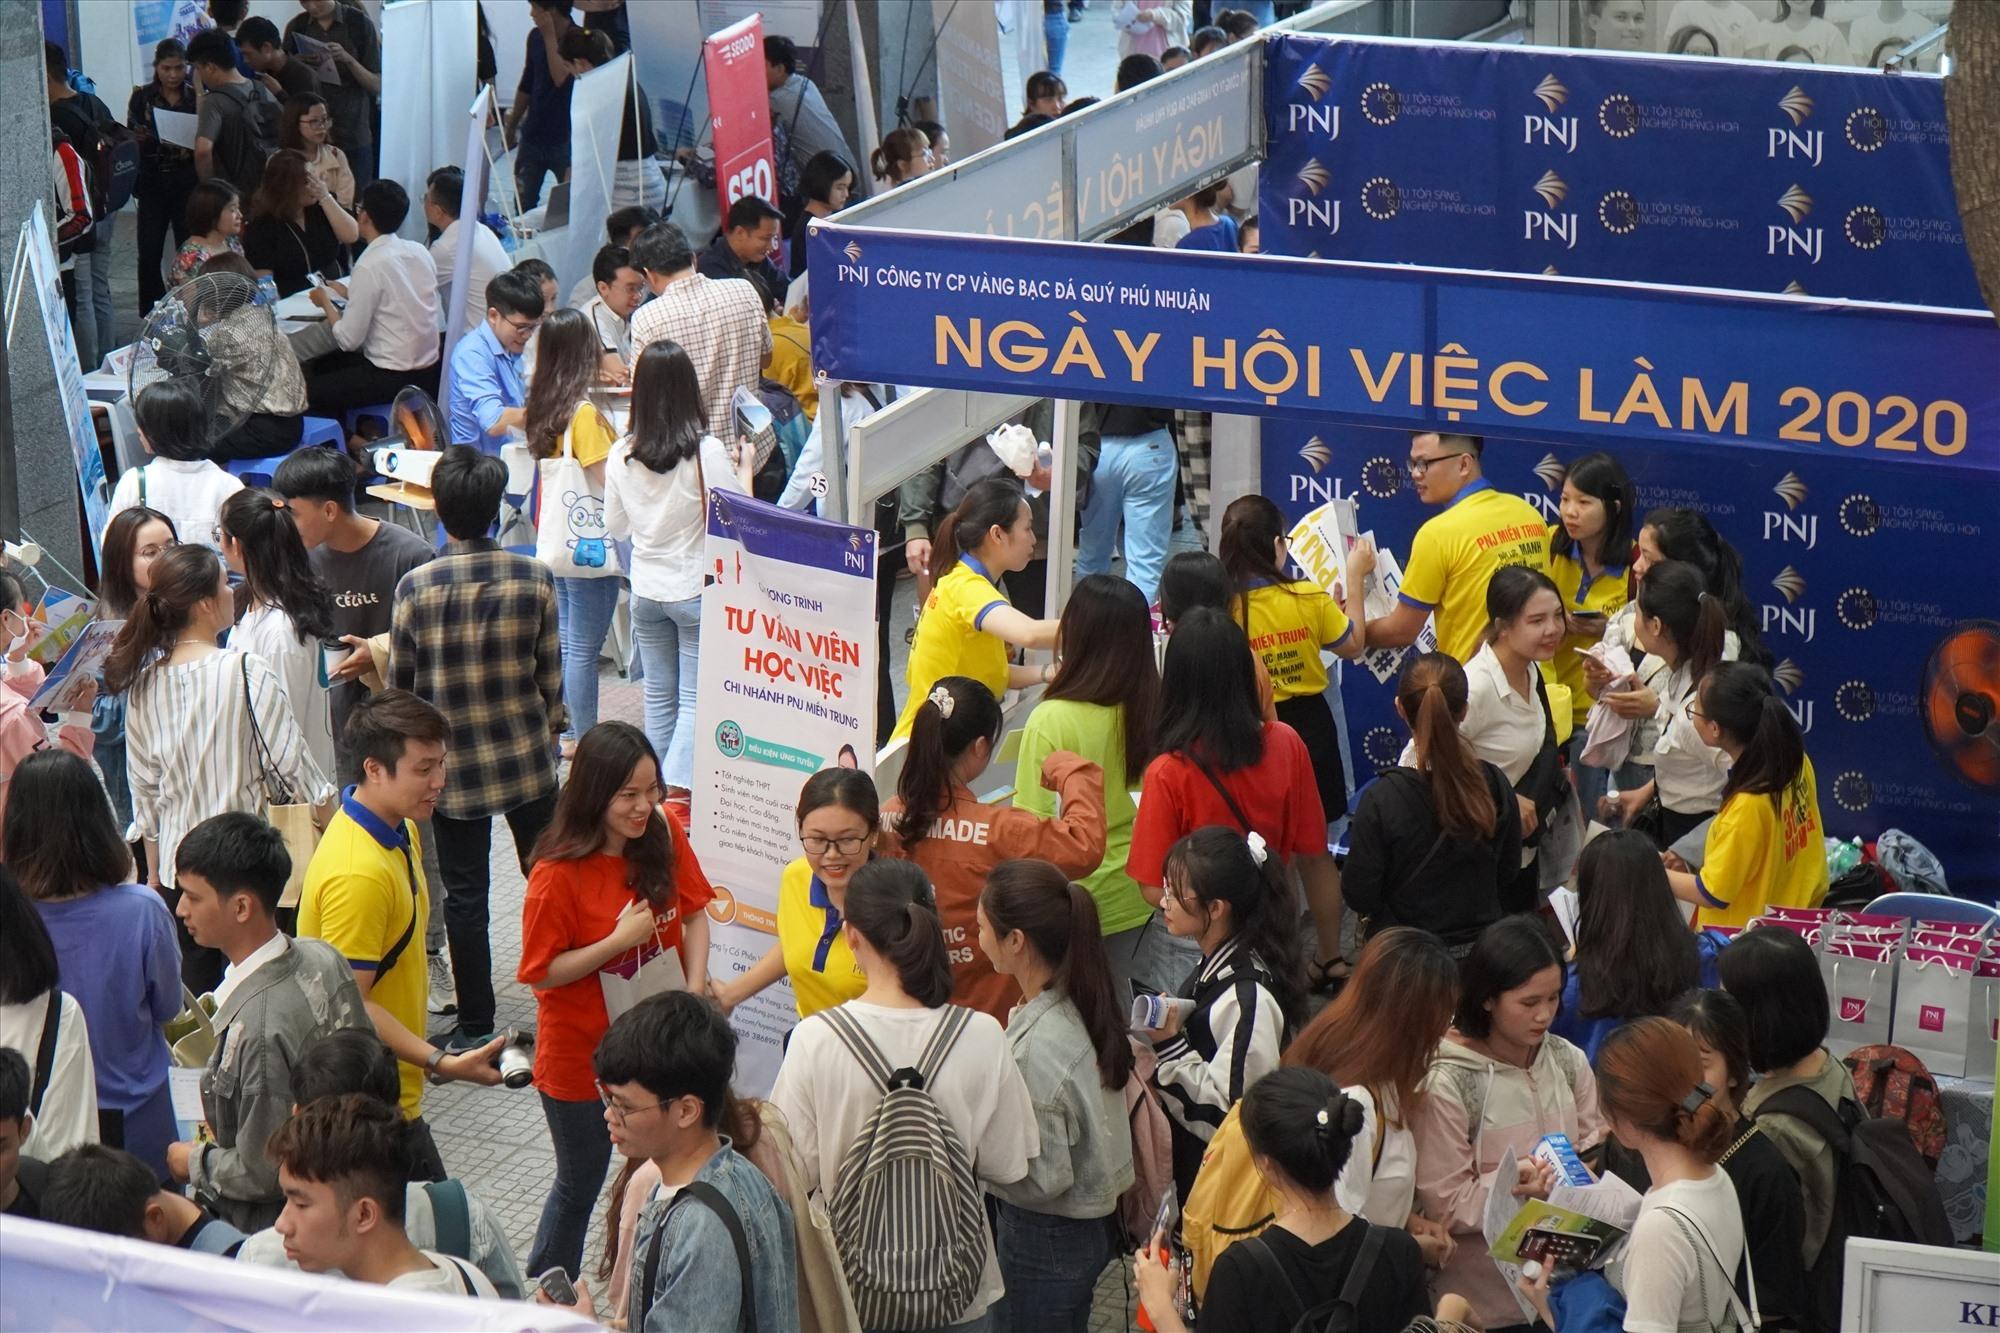 Hơn 1000 sinh viên DTU mới tốt nghiệp niên học 2019 -2020 cùng đông đảo SV trong và ngoài nhà trường nô nức tham gia đăng ký NHVL 2020 tại cơ sở số 3 Quang Trung TP Đà Nẵng . Ảnh NĐ